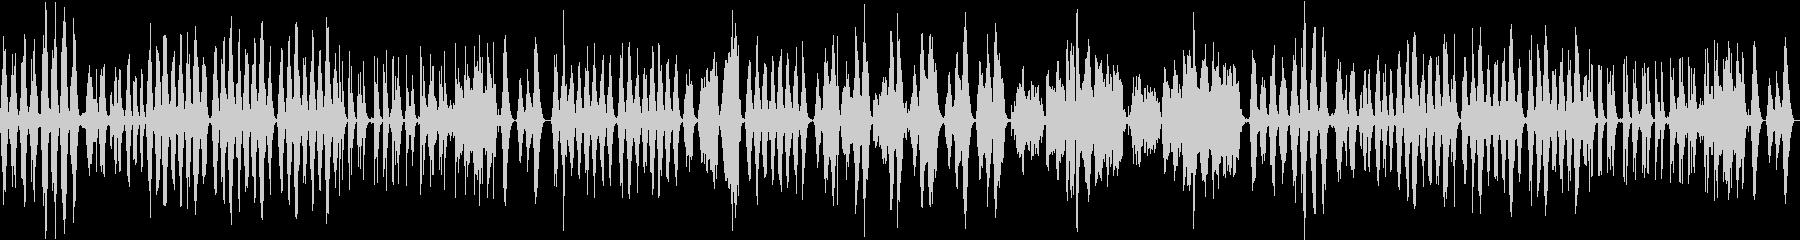 幻想的なアンビエントミュージックの未再生の波形